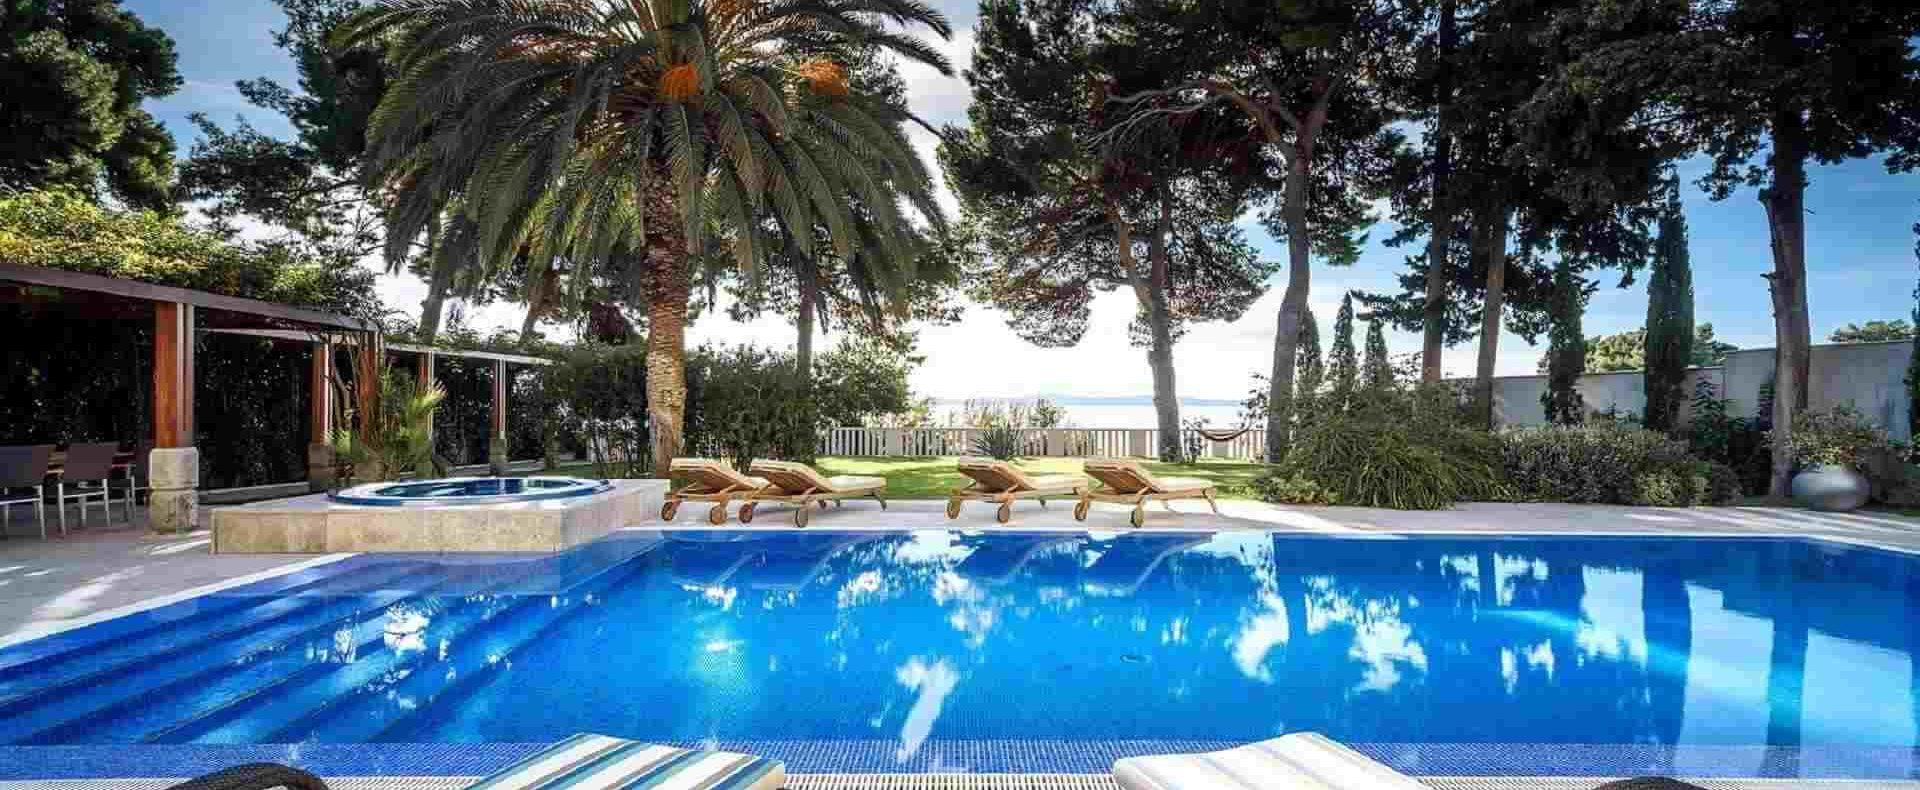 Croatia Villas with private swimming pools